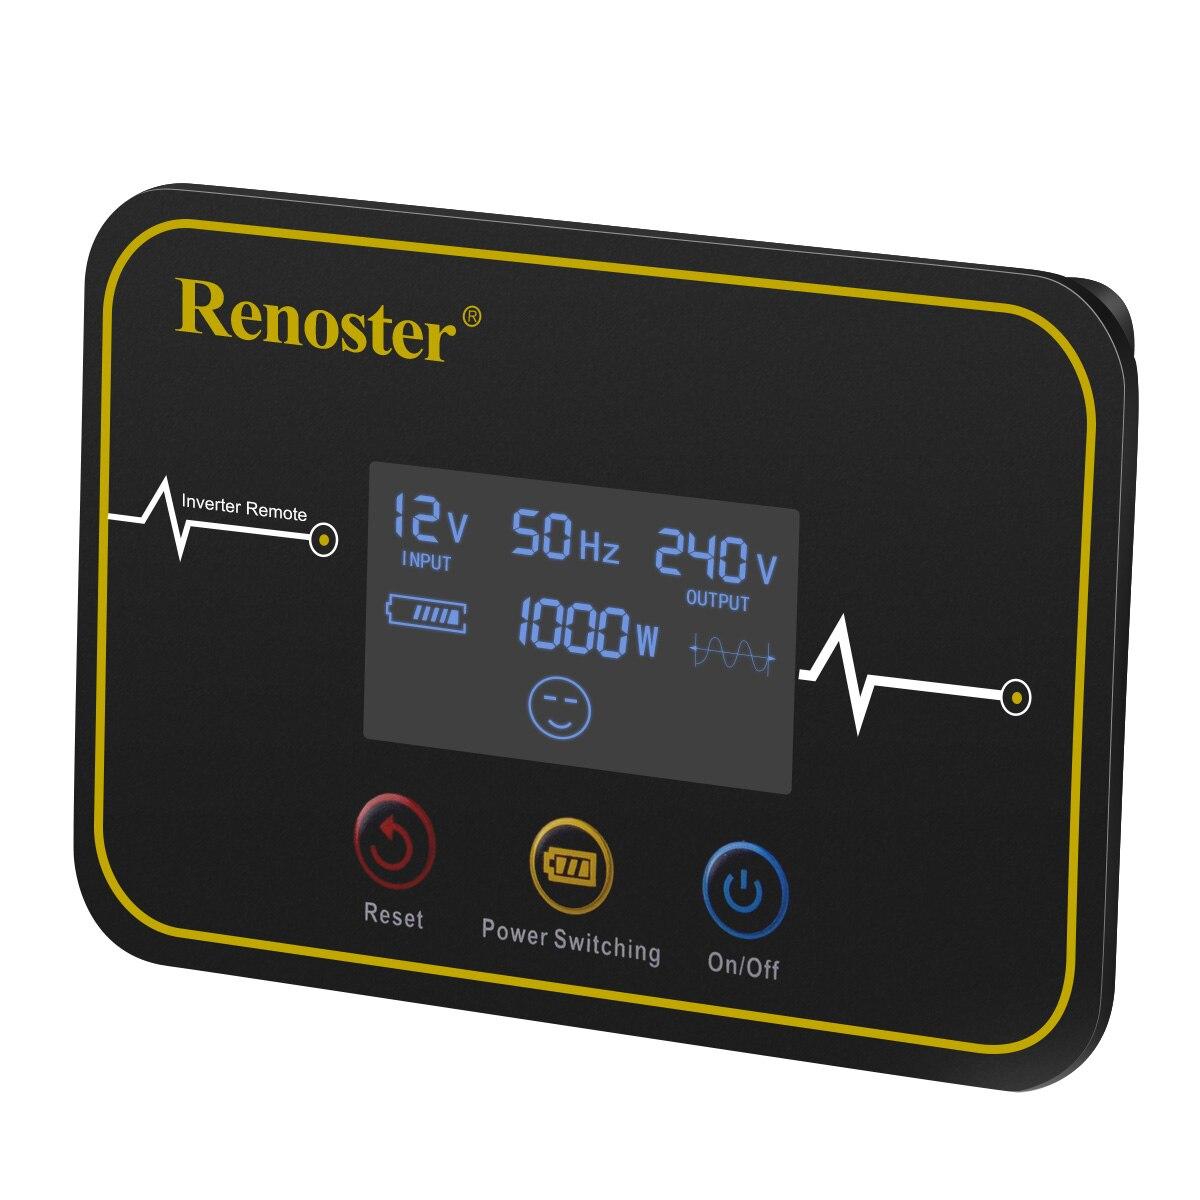 Renoster wireless power inverter 3000/6000w konverter 12V 220V modifizierte sinus welle solar-wechselrichter mit fernbedienung control comverter